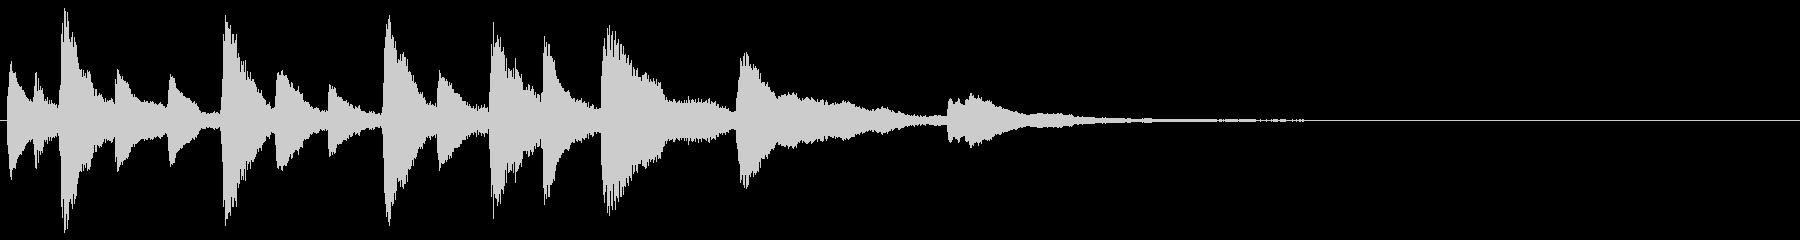 ピアノの楽しいジングル・場面転換の未再生の波形